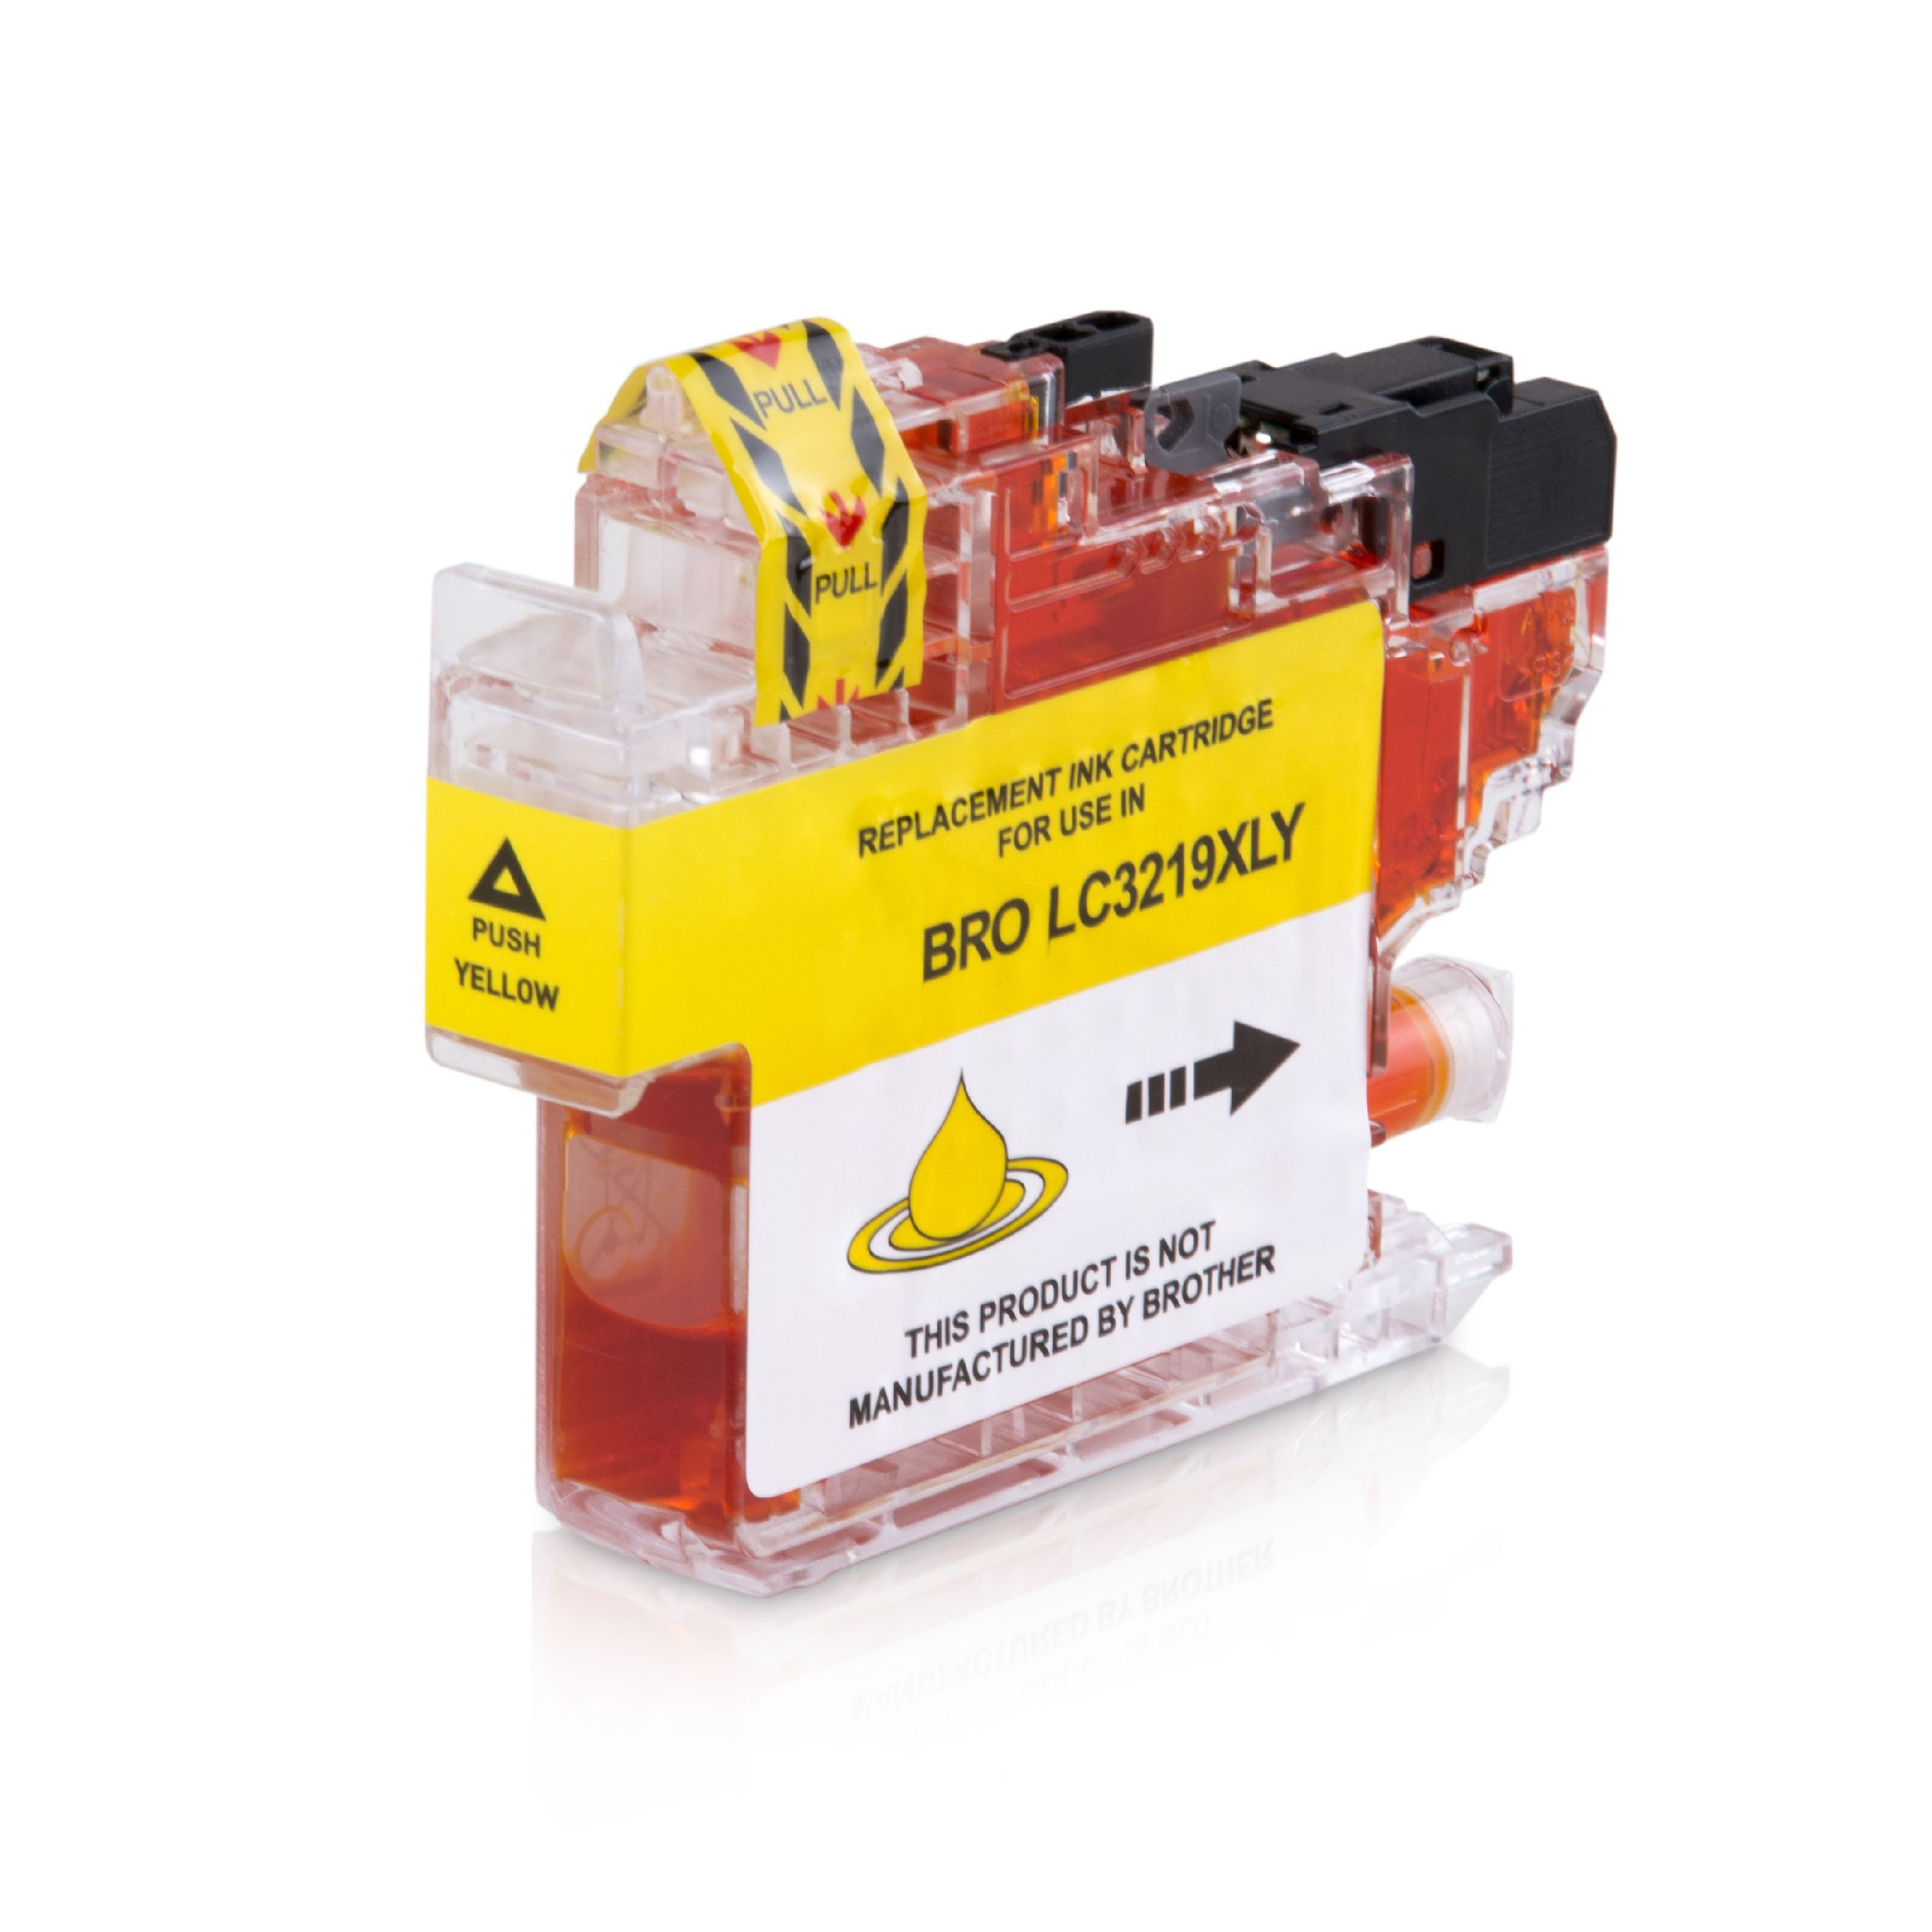 Bild fuer den Artikel IC-BRO3219XLye: Alternativ-Tinte BROTHER LC-3219XLY XL-Version in gelb